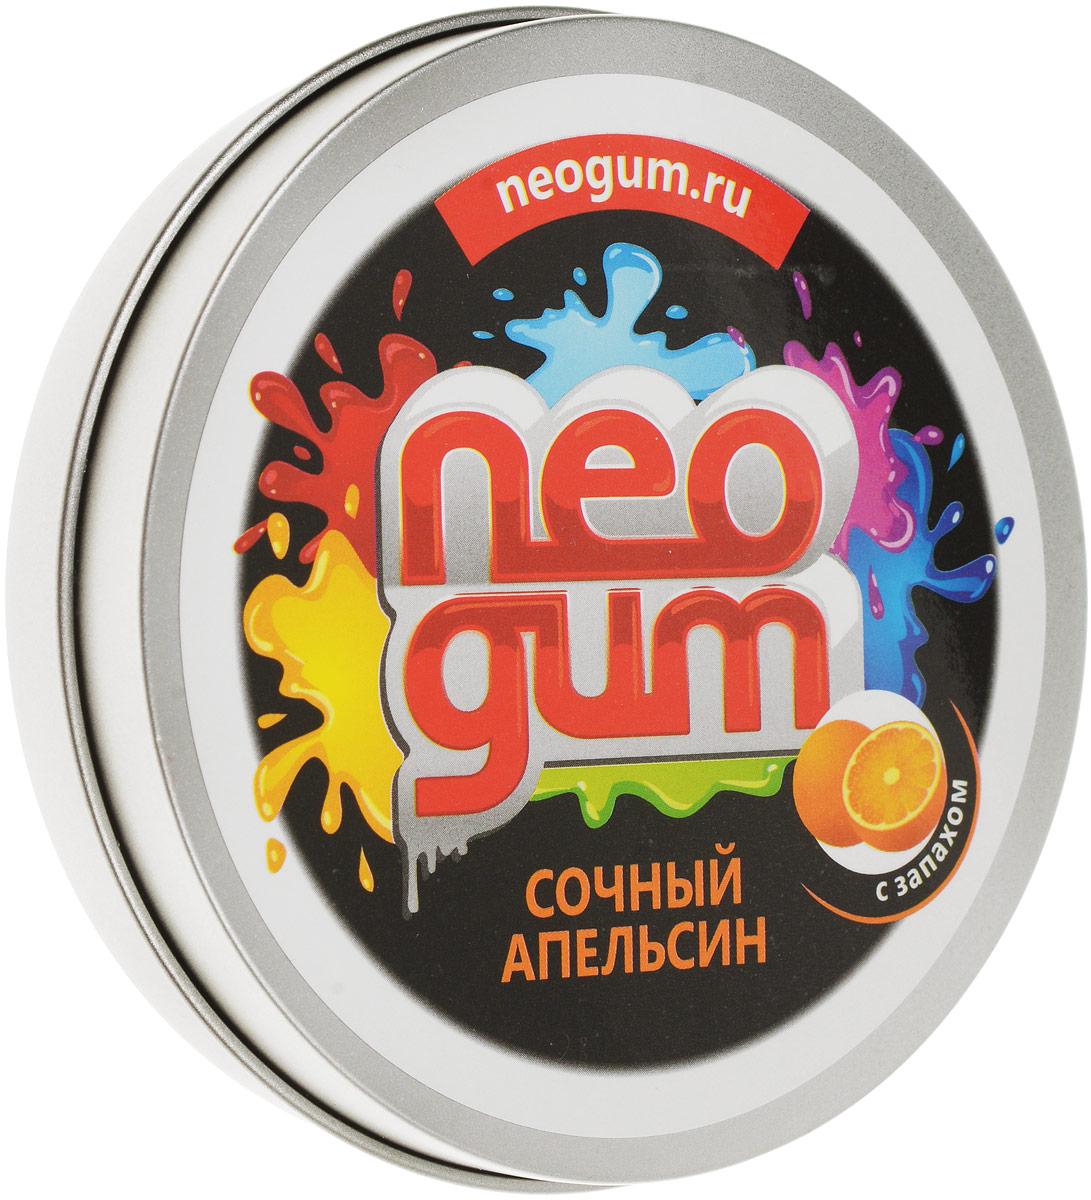 Neogum Жвачка для рук Сочный апельсин жвачка для рук neogum пряная вишня ng7021